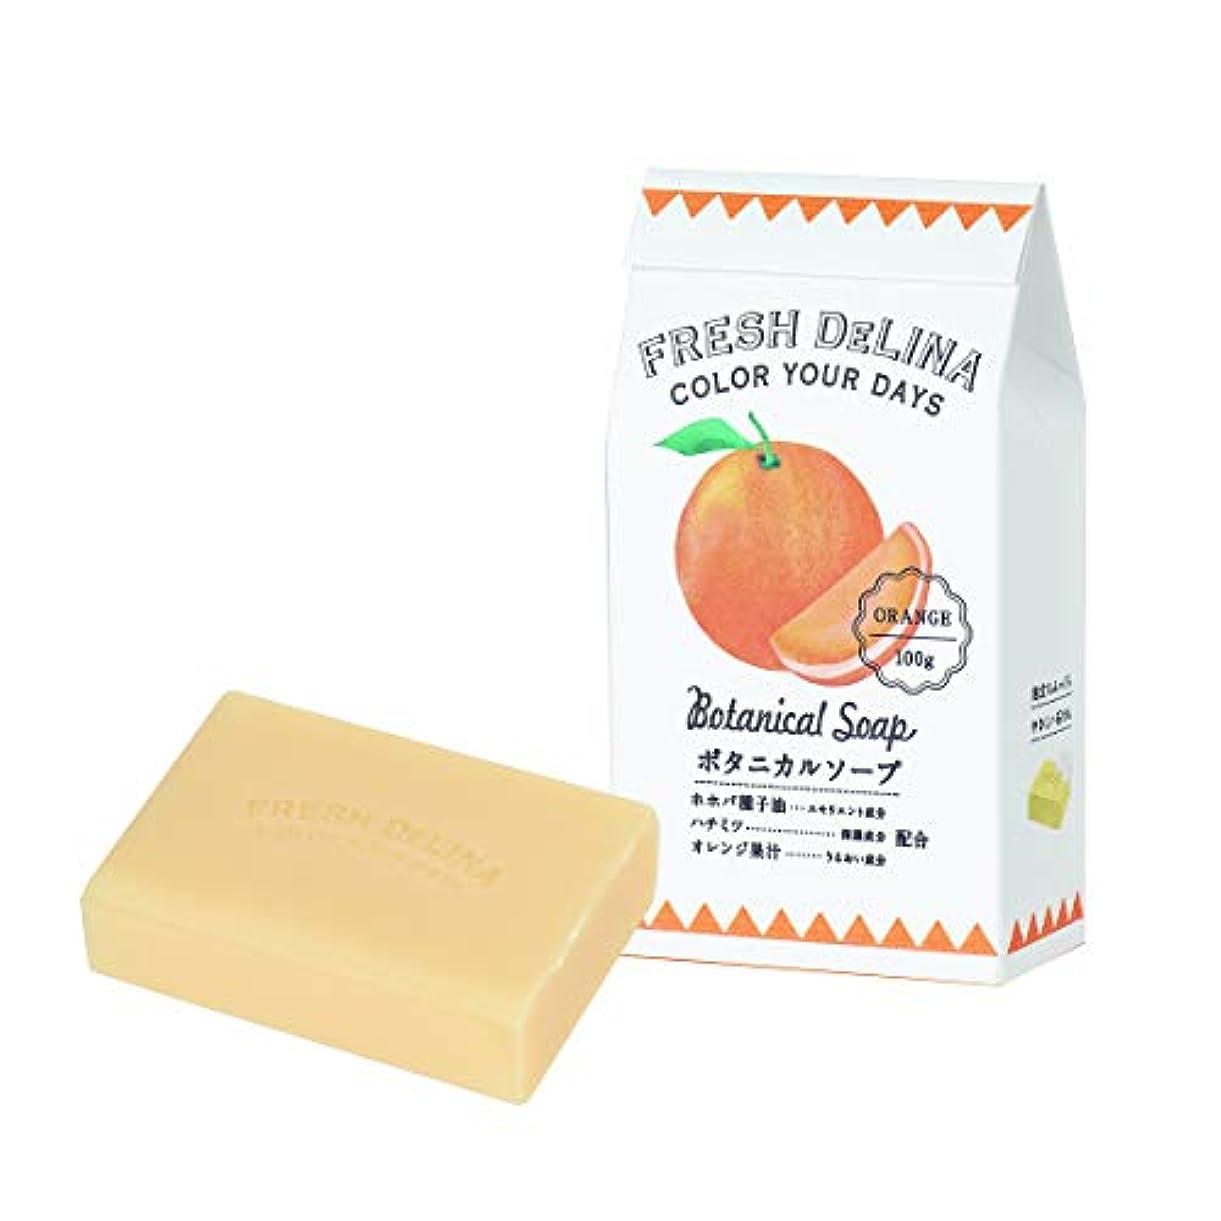 ピュー拾う強制的フレッシュデリーナ ボタニカルソープ オレンジ 100g